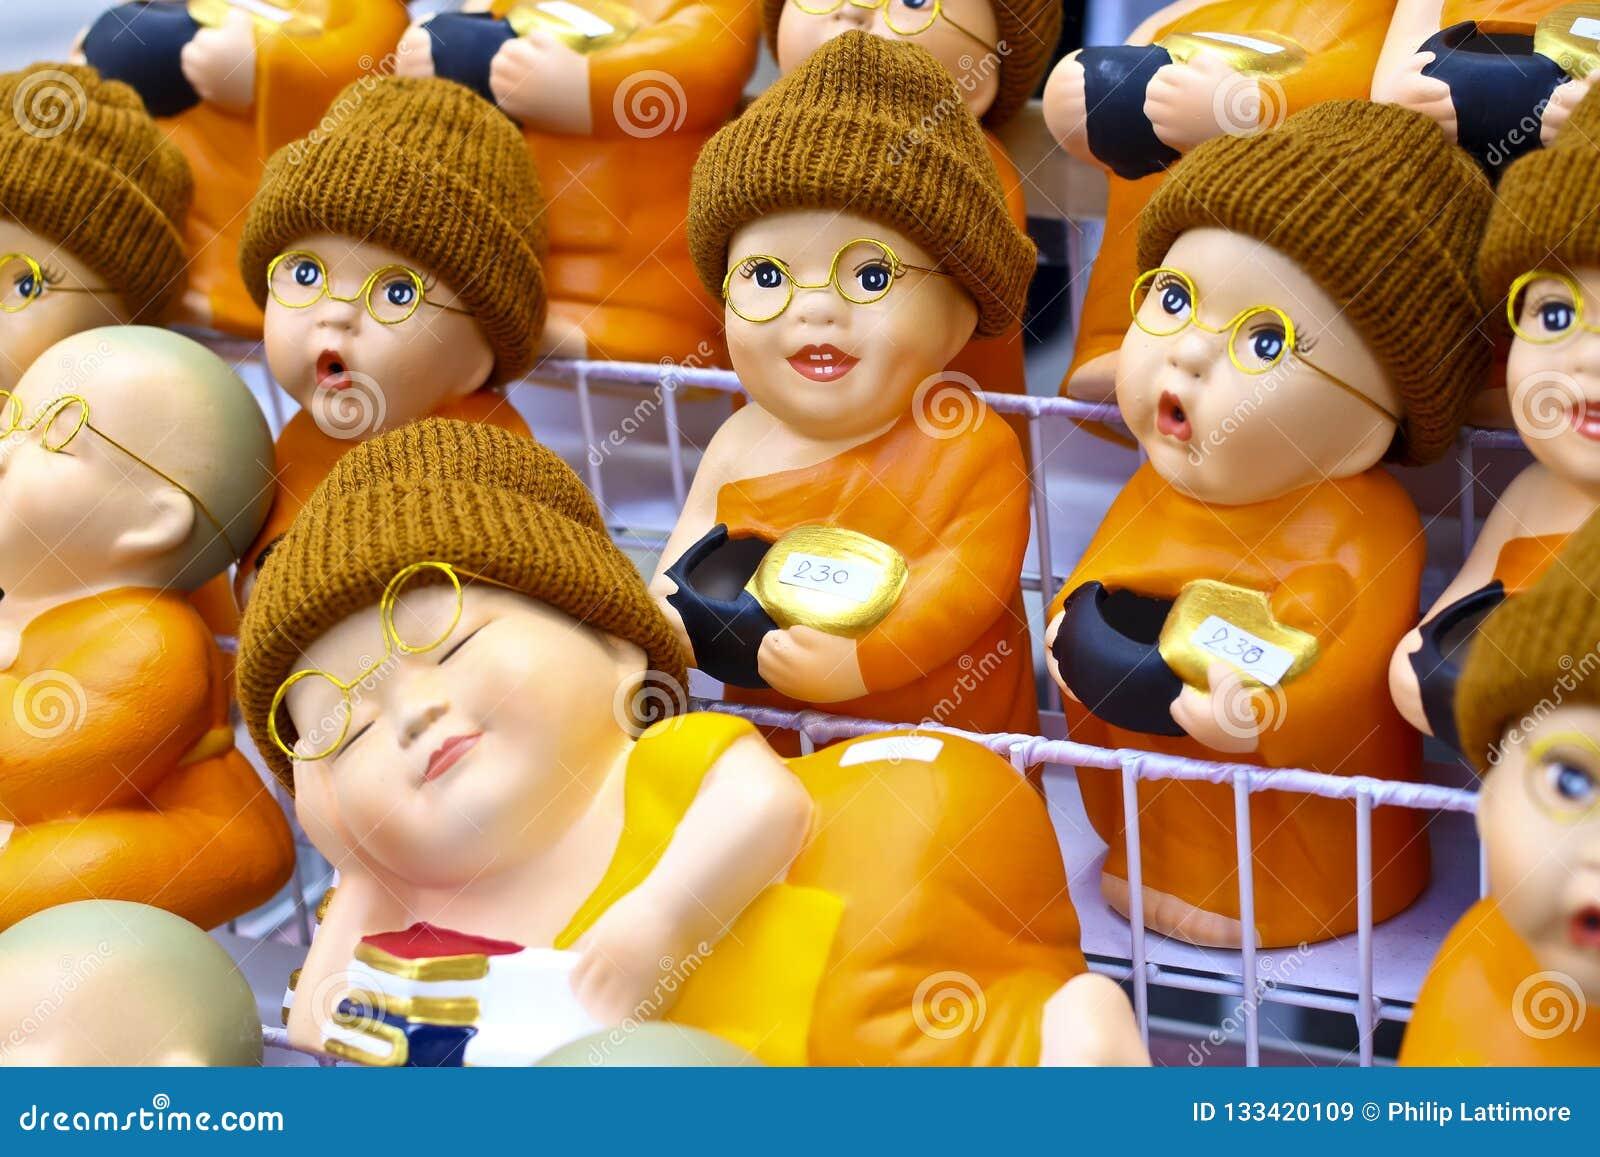 Милые figurines буддийского монаха со зрелищами и шерстистыми шляпами